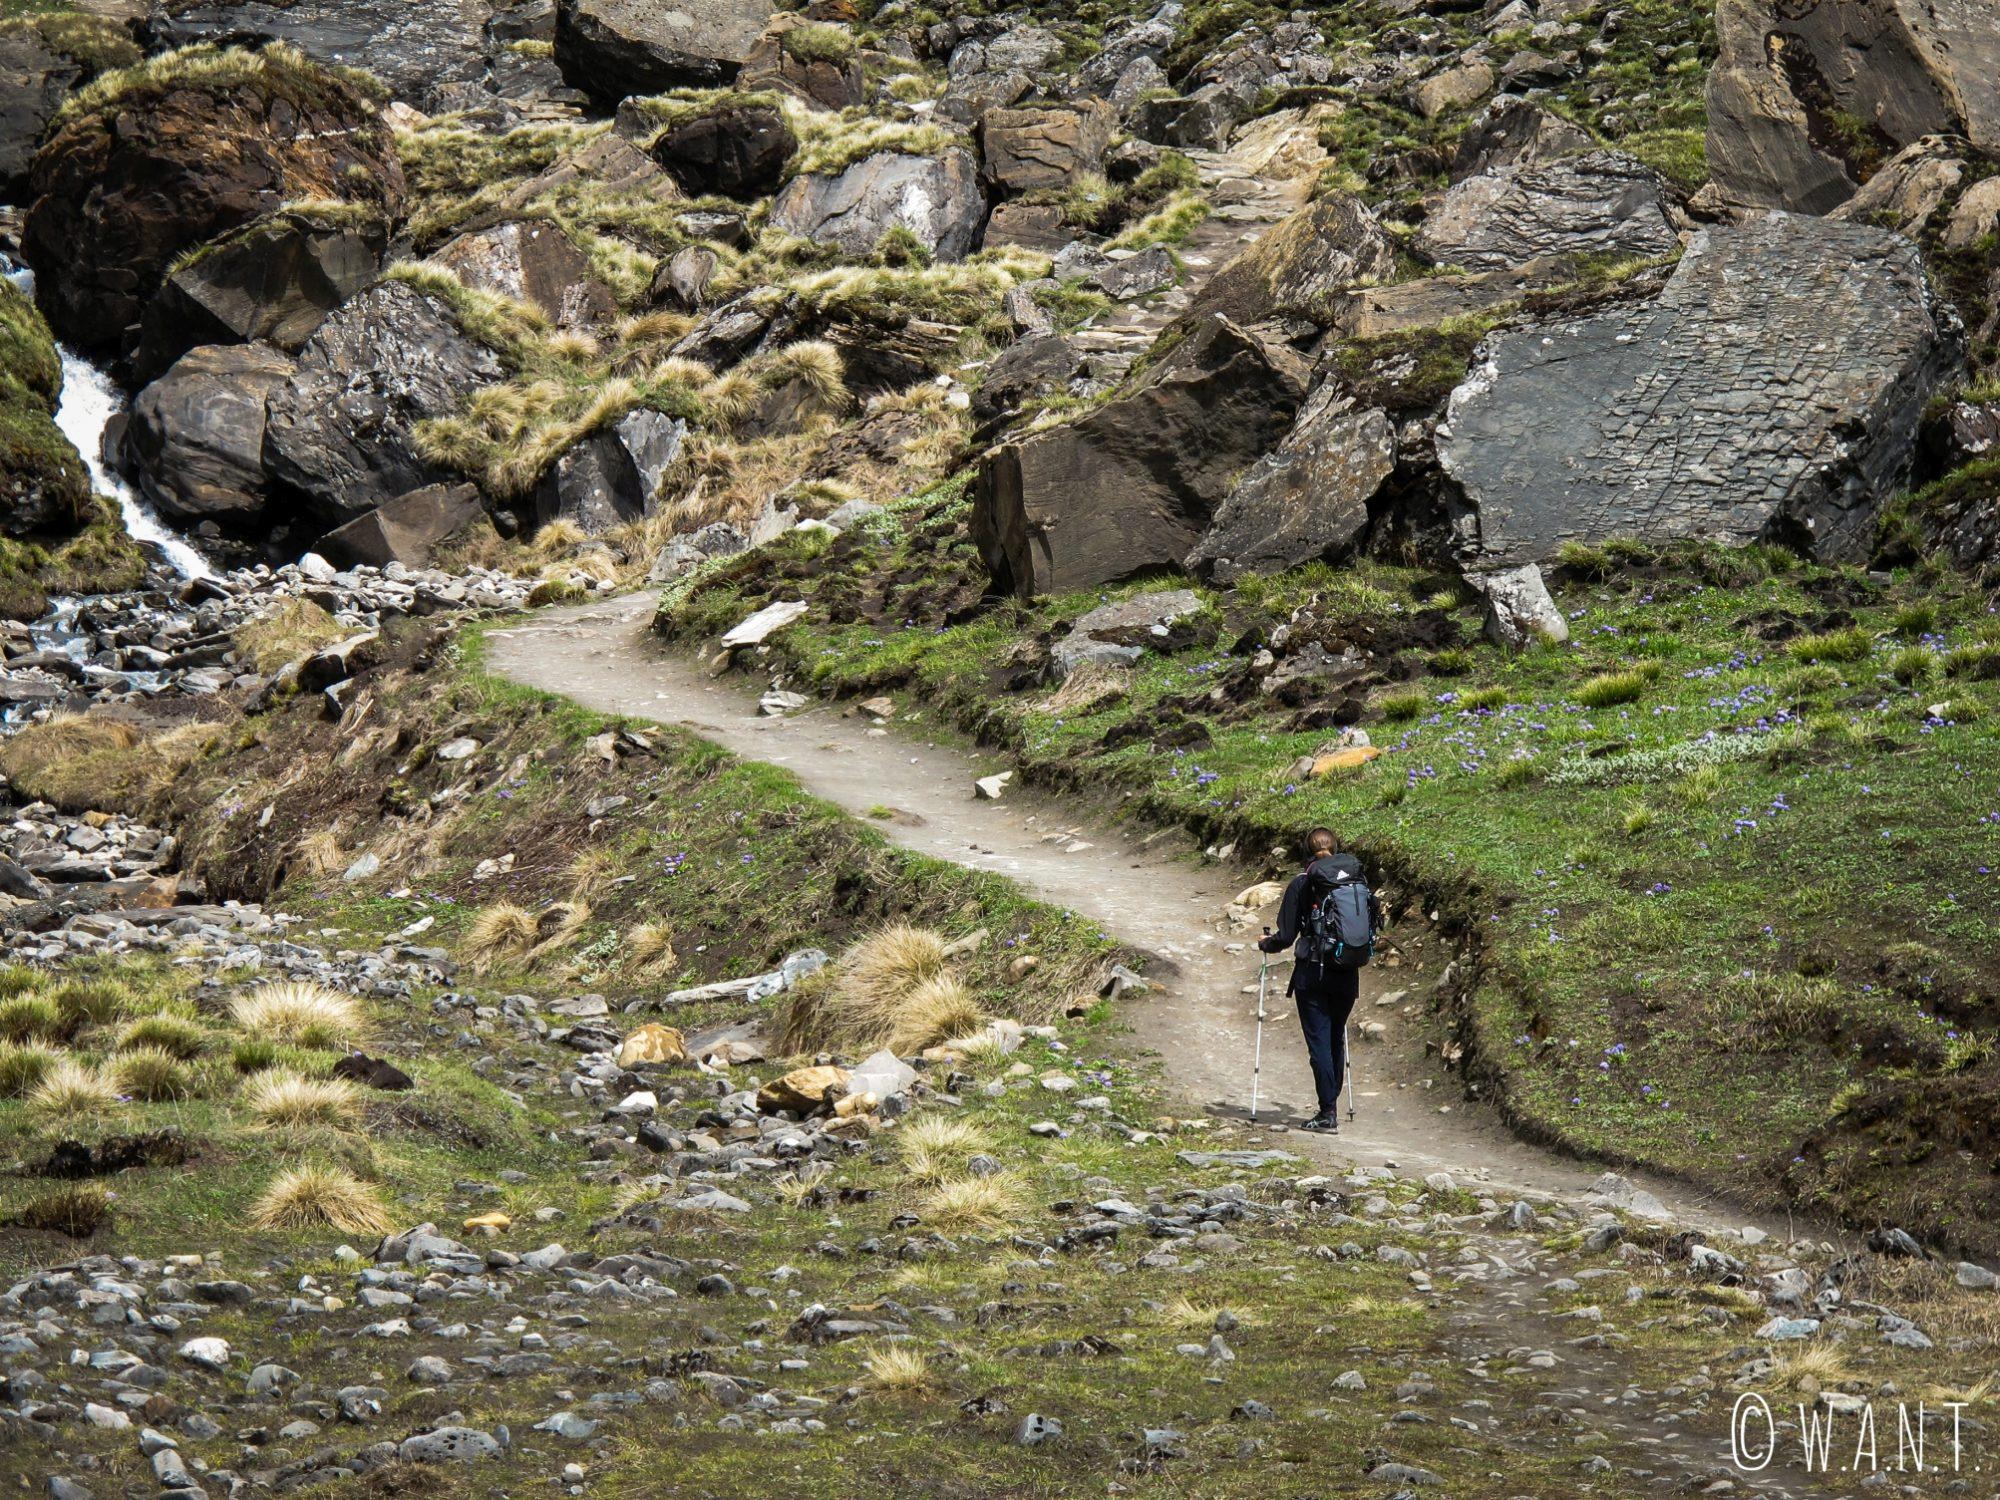 Marion sur les chemins rocailleux de l'Annapurna